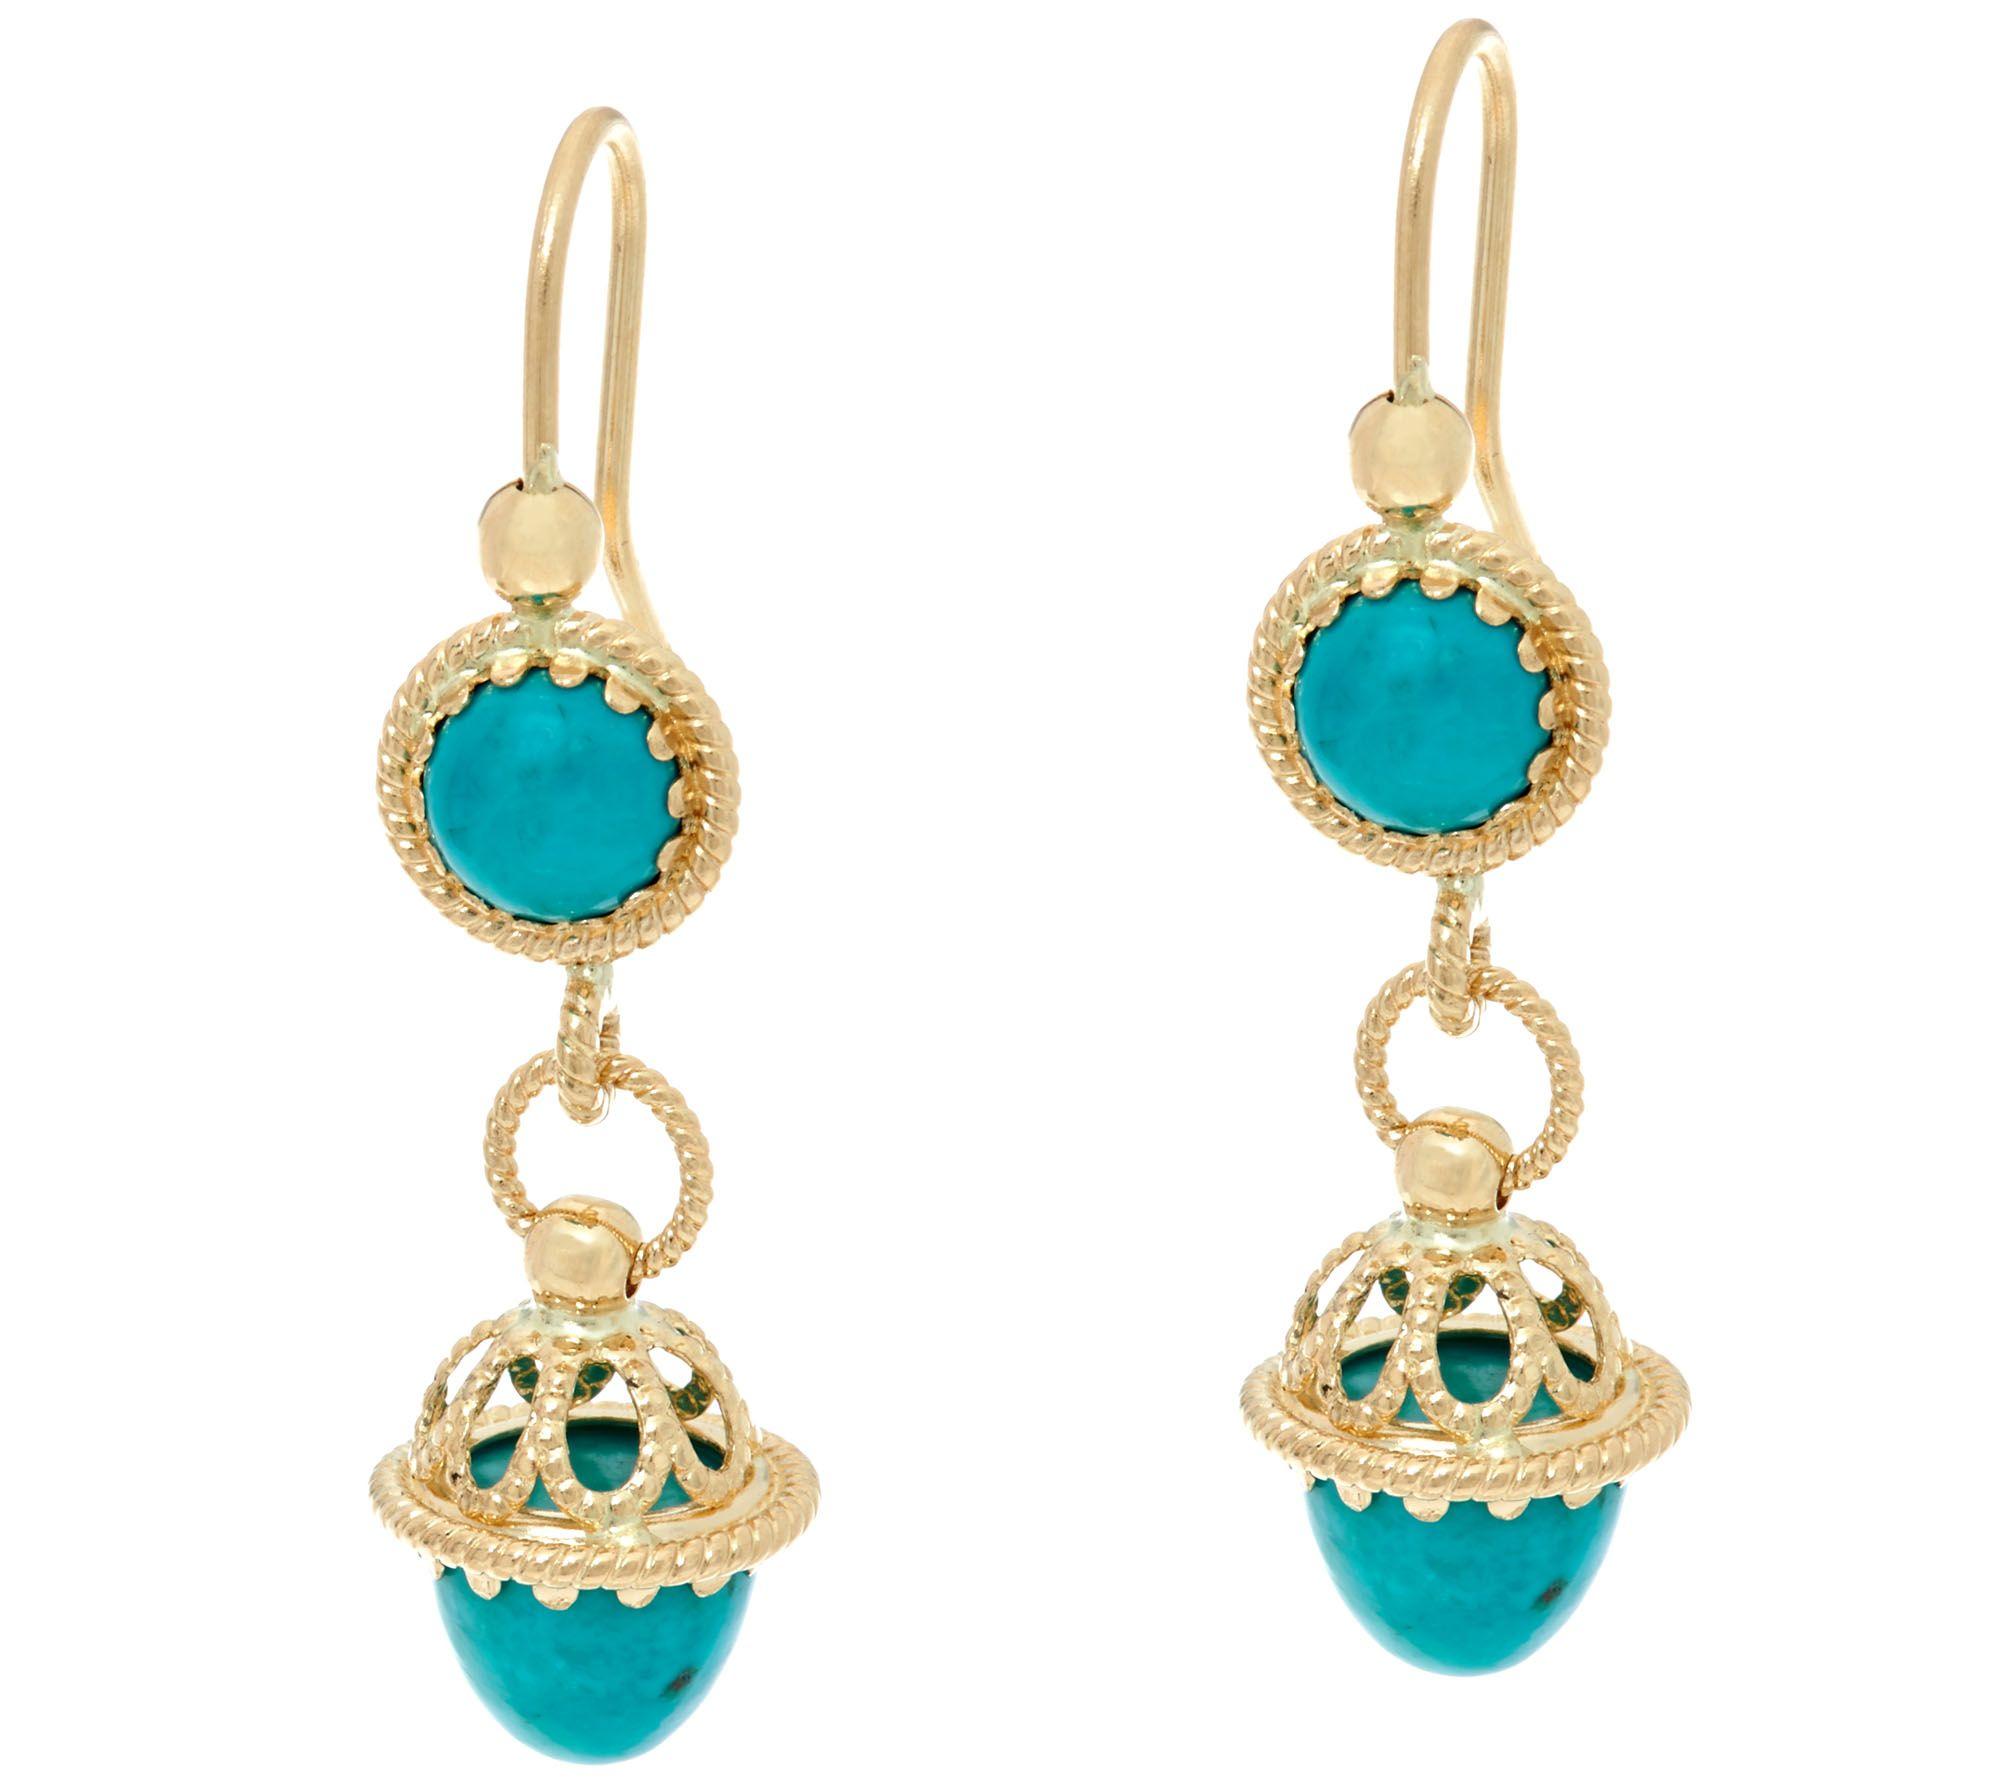 Italian Gold Turquoise Drop Earrings 14K Gold